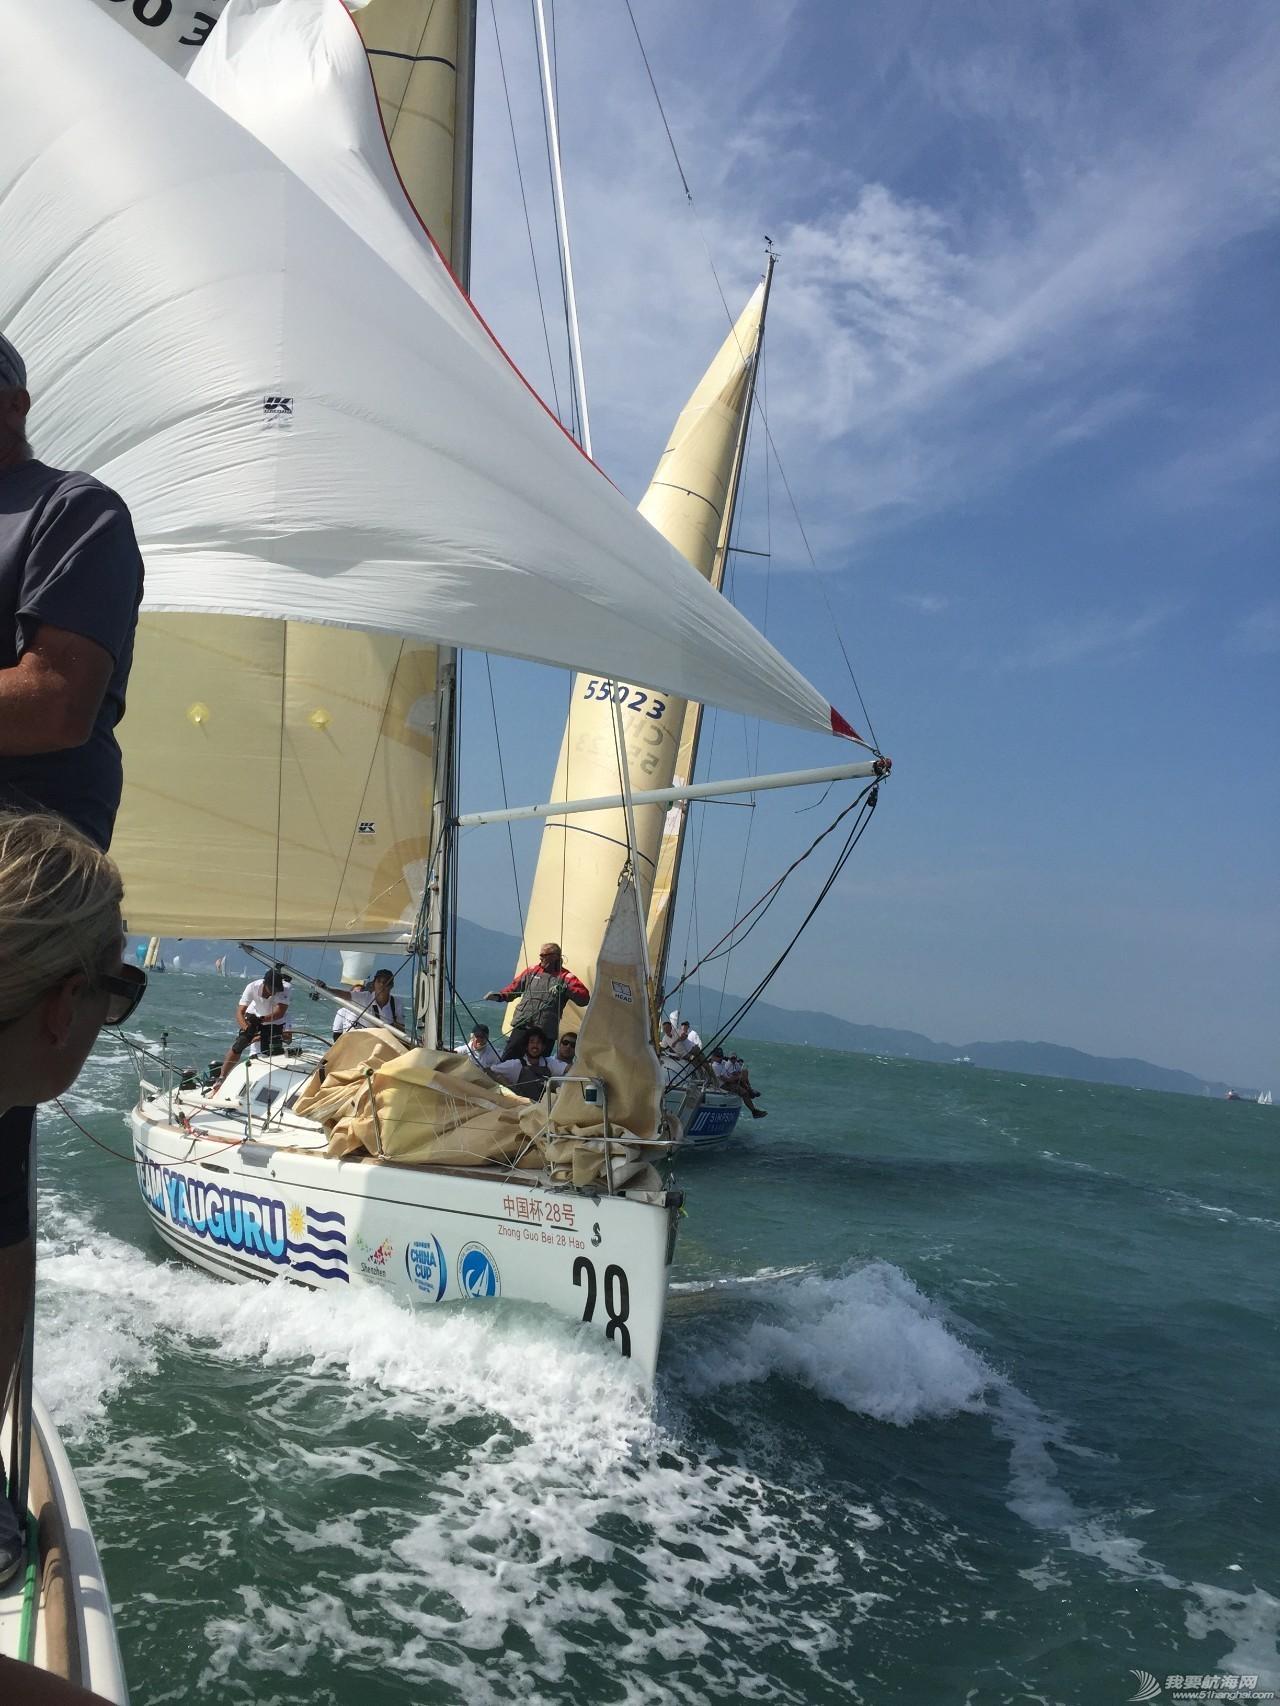 乌拉圭队,奥运冠军,劳力士,国际帆联,本职工作 这个满头银发的水手  在国际帆联当了20年志愿者 f96d5c8ef37b68078d6ec706babe6691.jpg